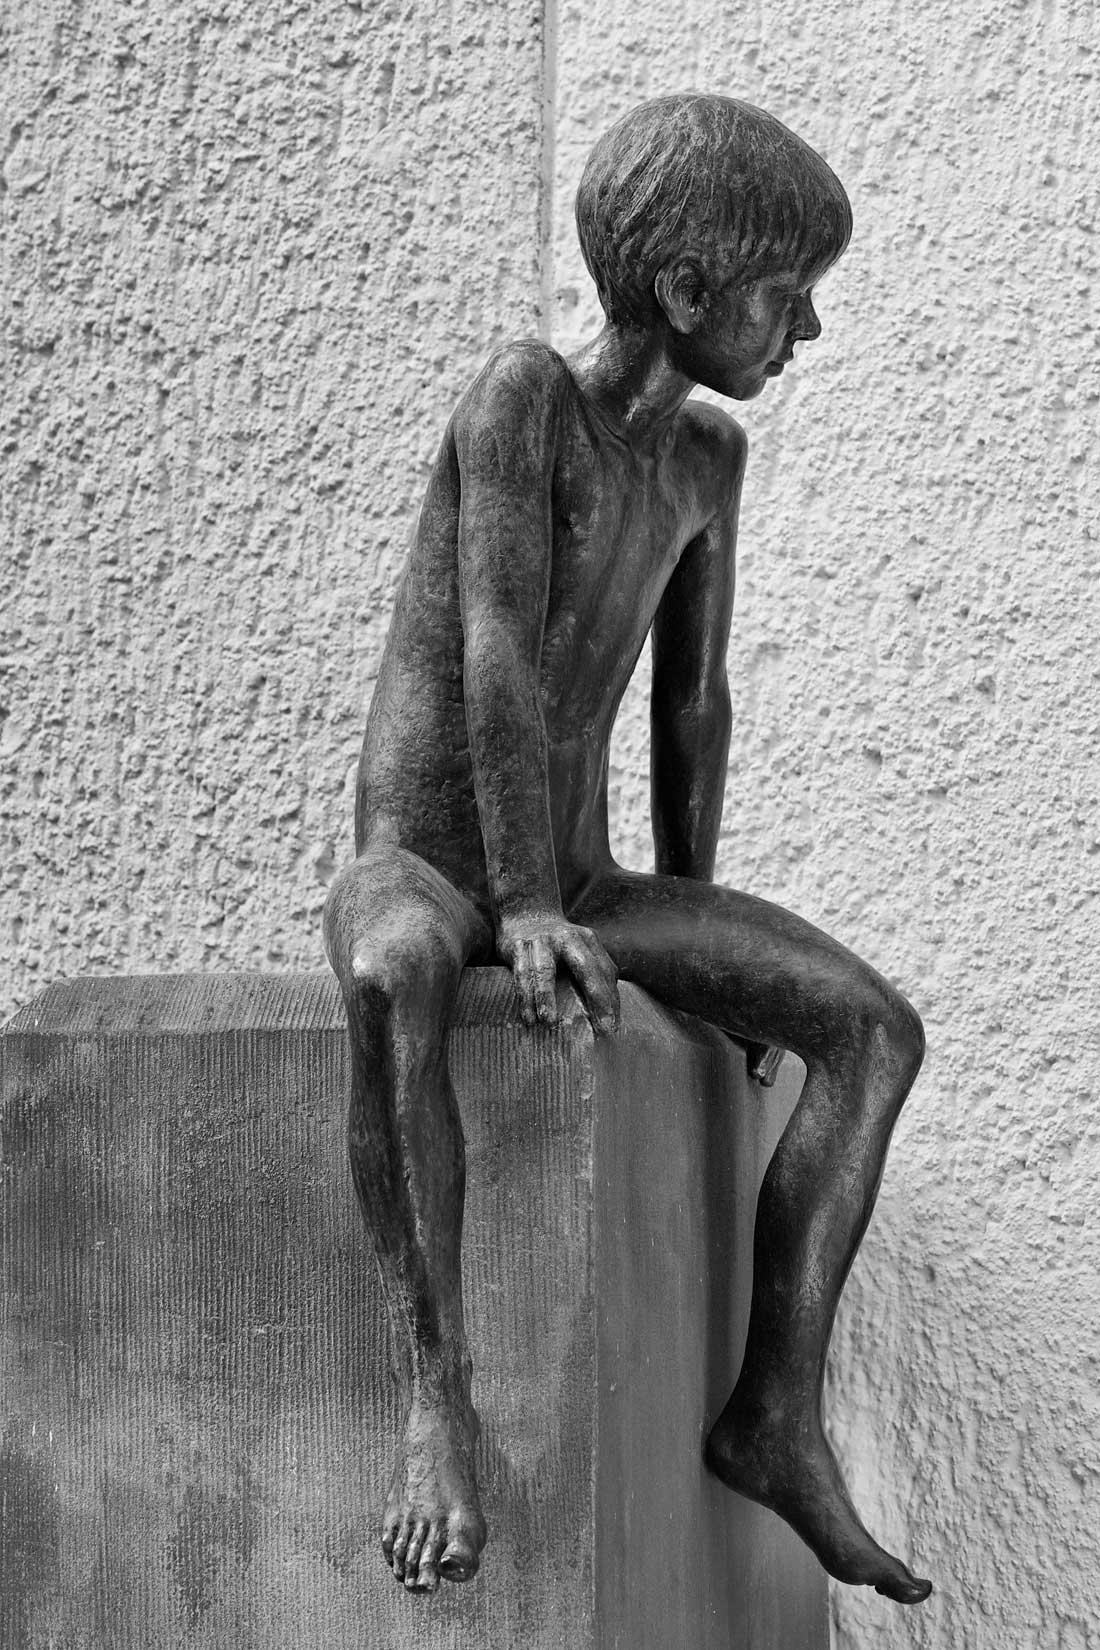 Gabriele Riesner, Architektin, Berlin-Wilmersdorf, Restaurierung/Modernisierung eines Mietshauses, Bronzefigur von dem Bildhauer Maximilian Klinge